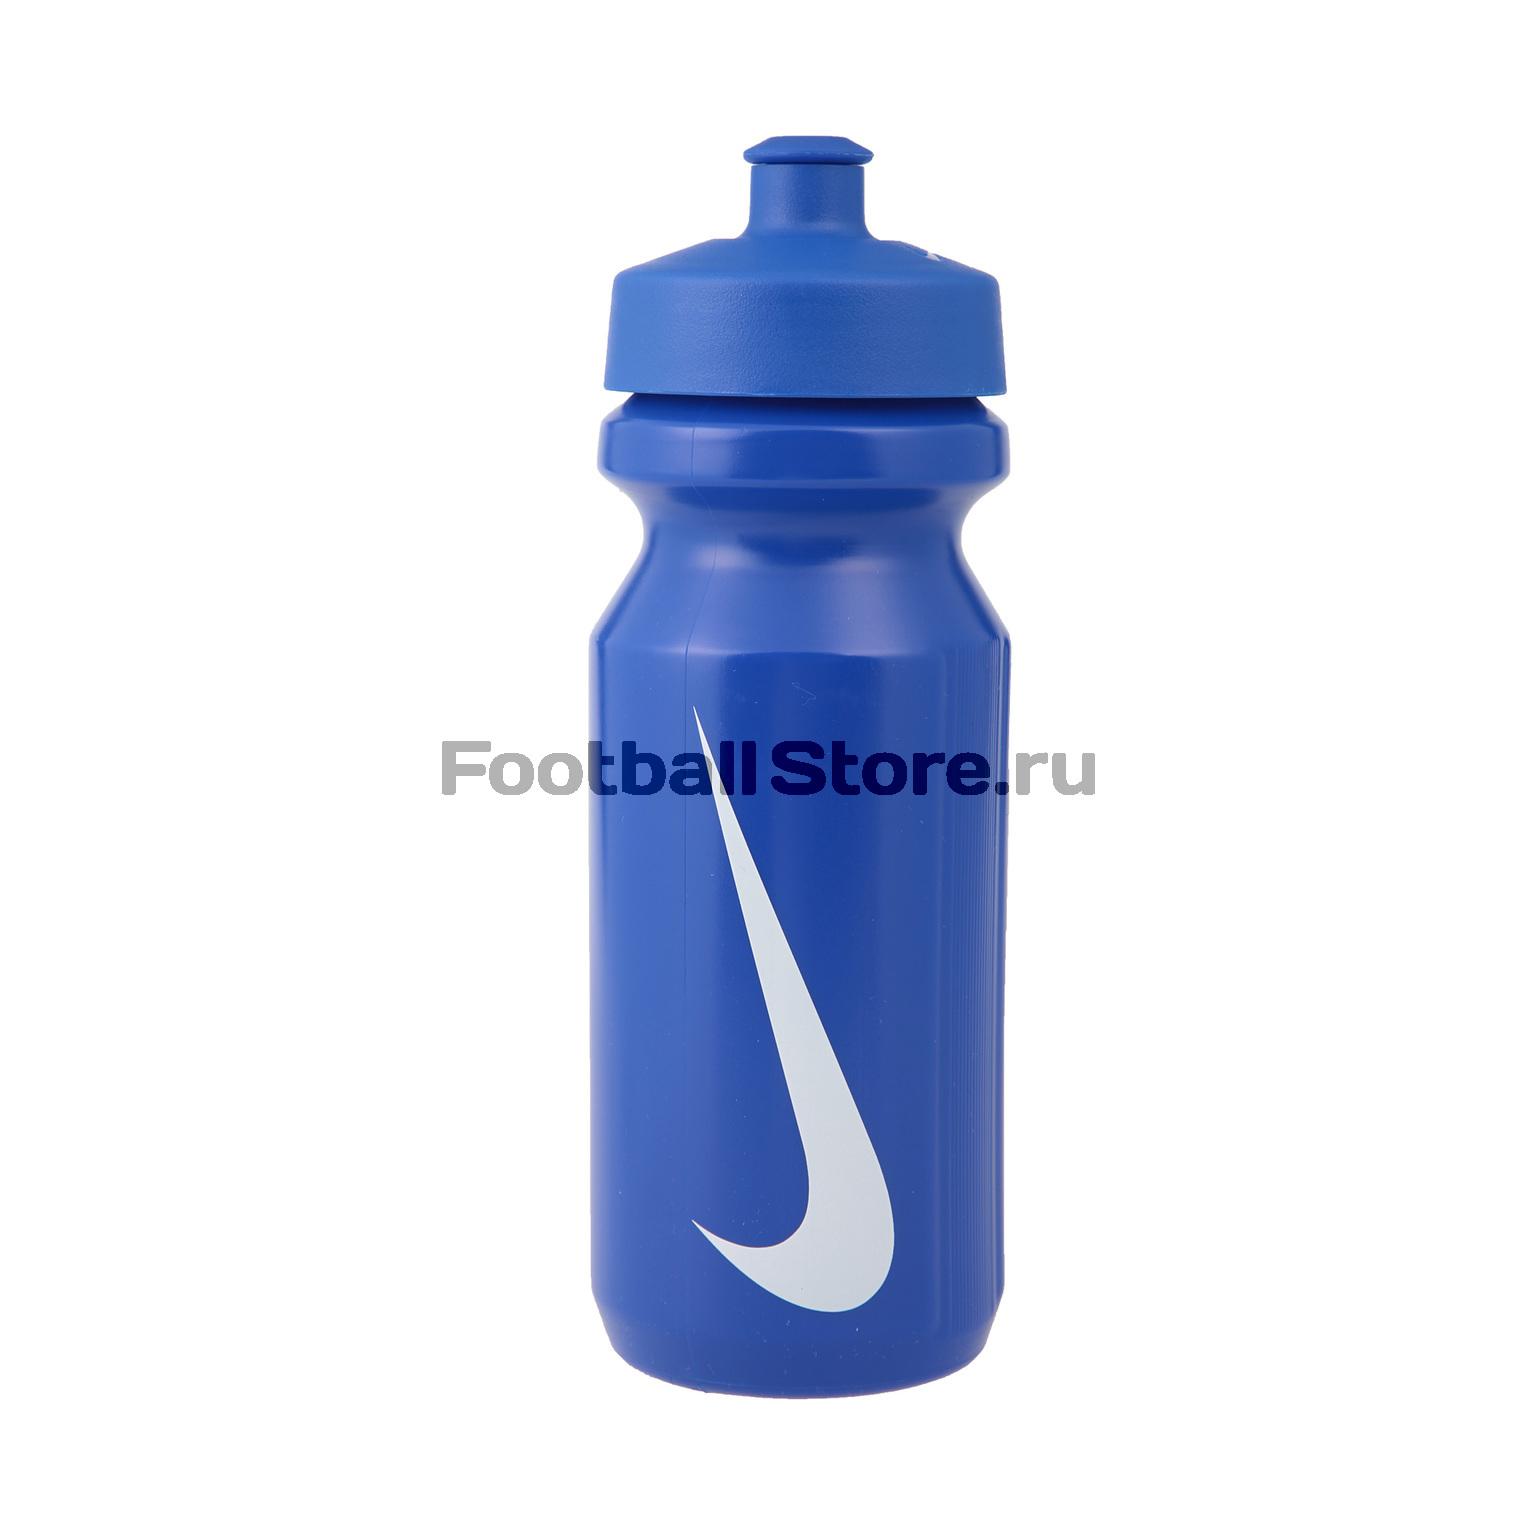 Бутылка для воды Nike big mouth water bottle 220Z Game N.OB.17.468.22 бутылка для воды nike sport water bottle 9 341 009 623